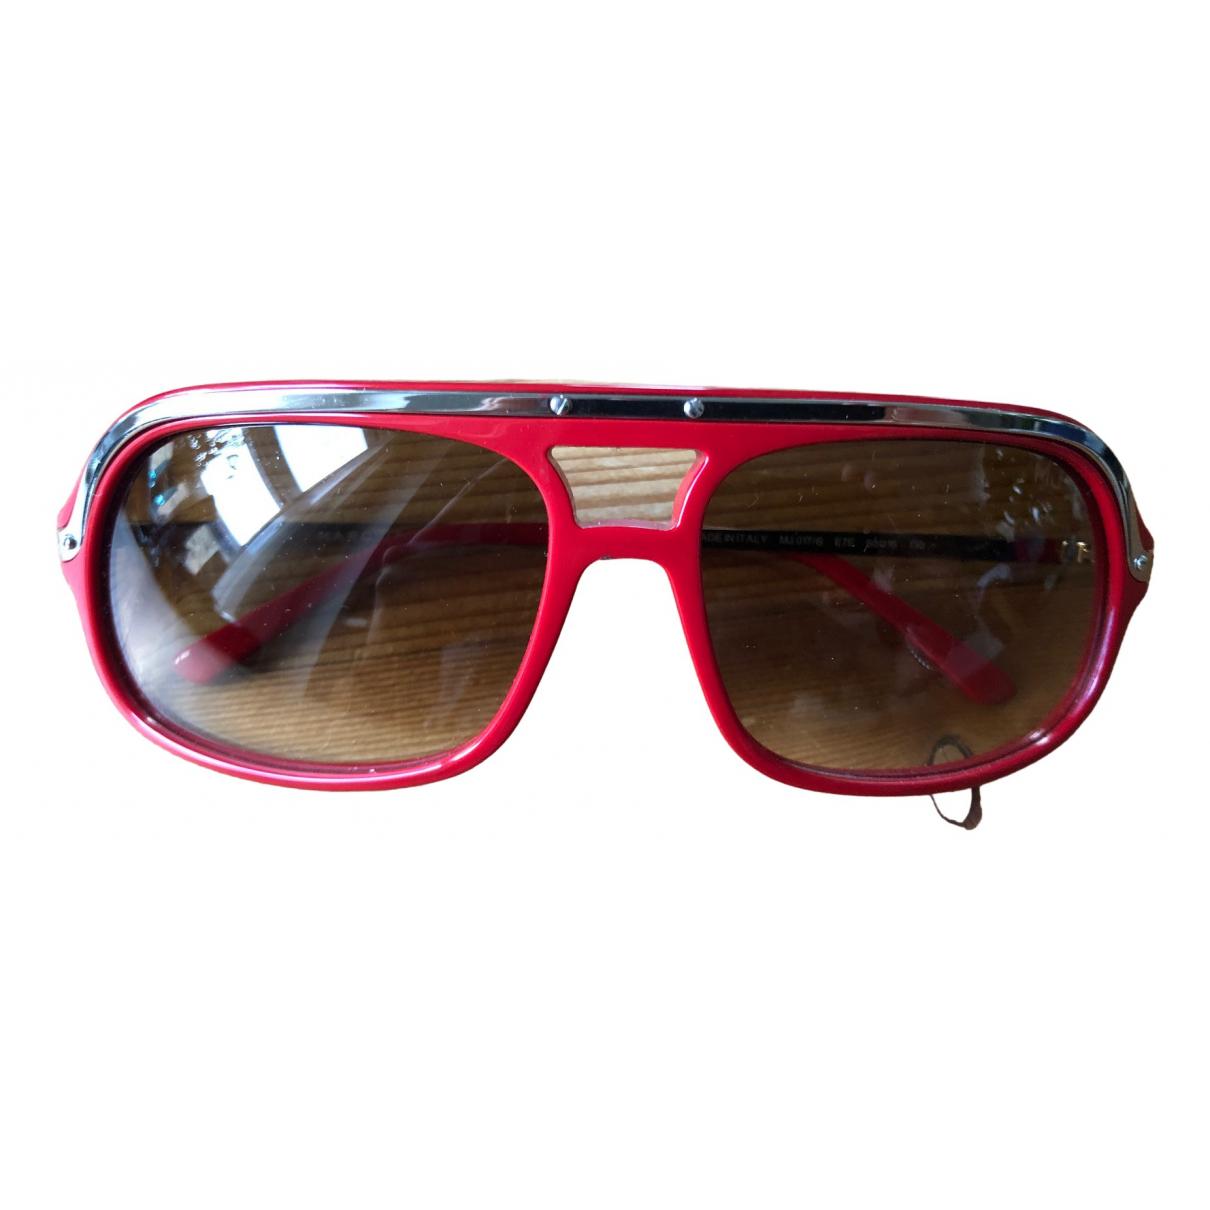 Marc Jacobs - Lunettes   pour femme - rouge